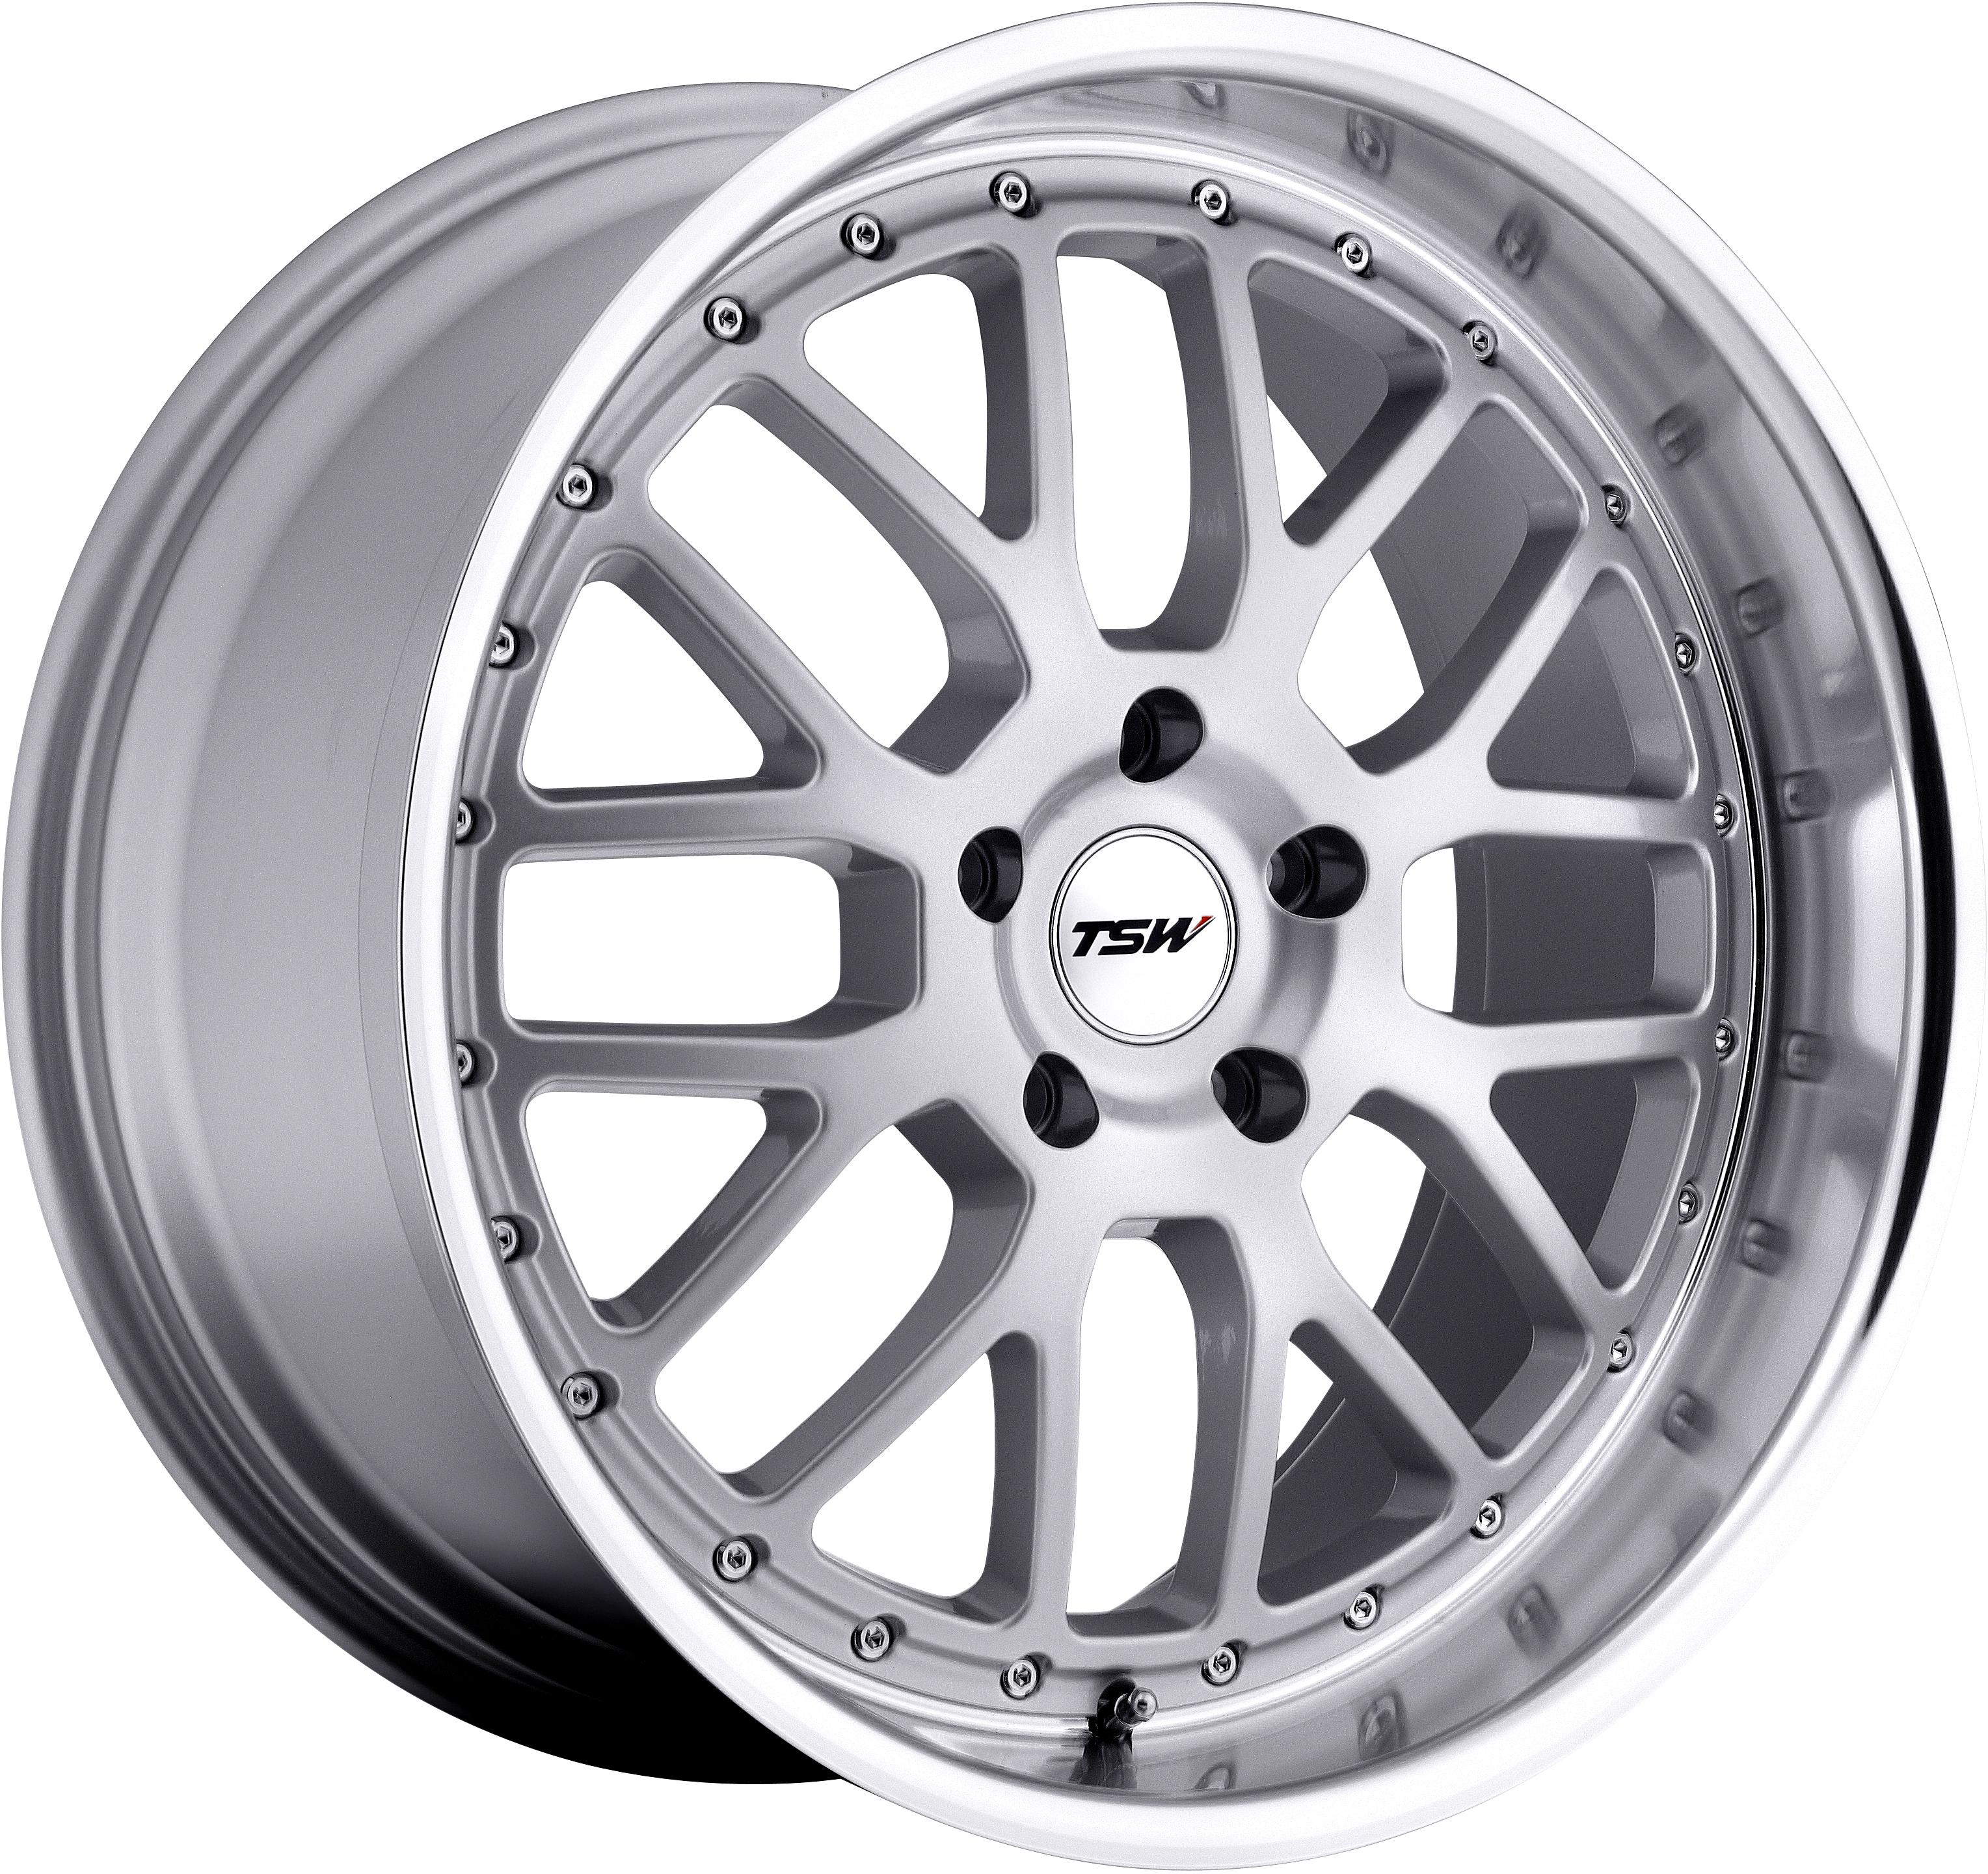 TSW - Valencia (Silver / Mirror Cut Lip)